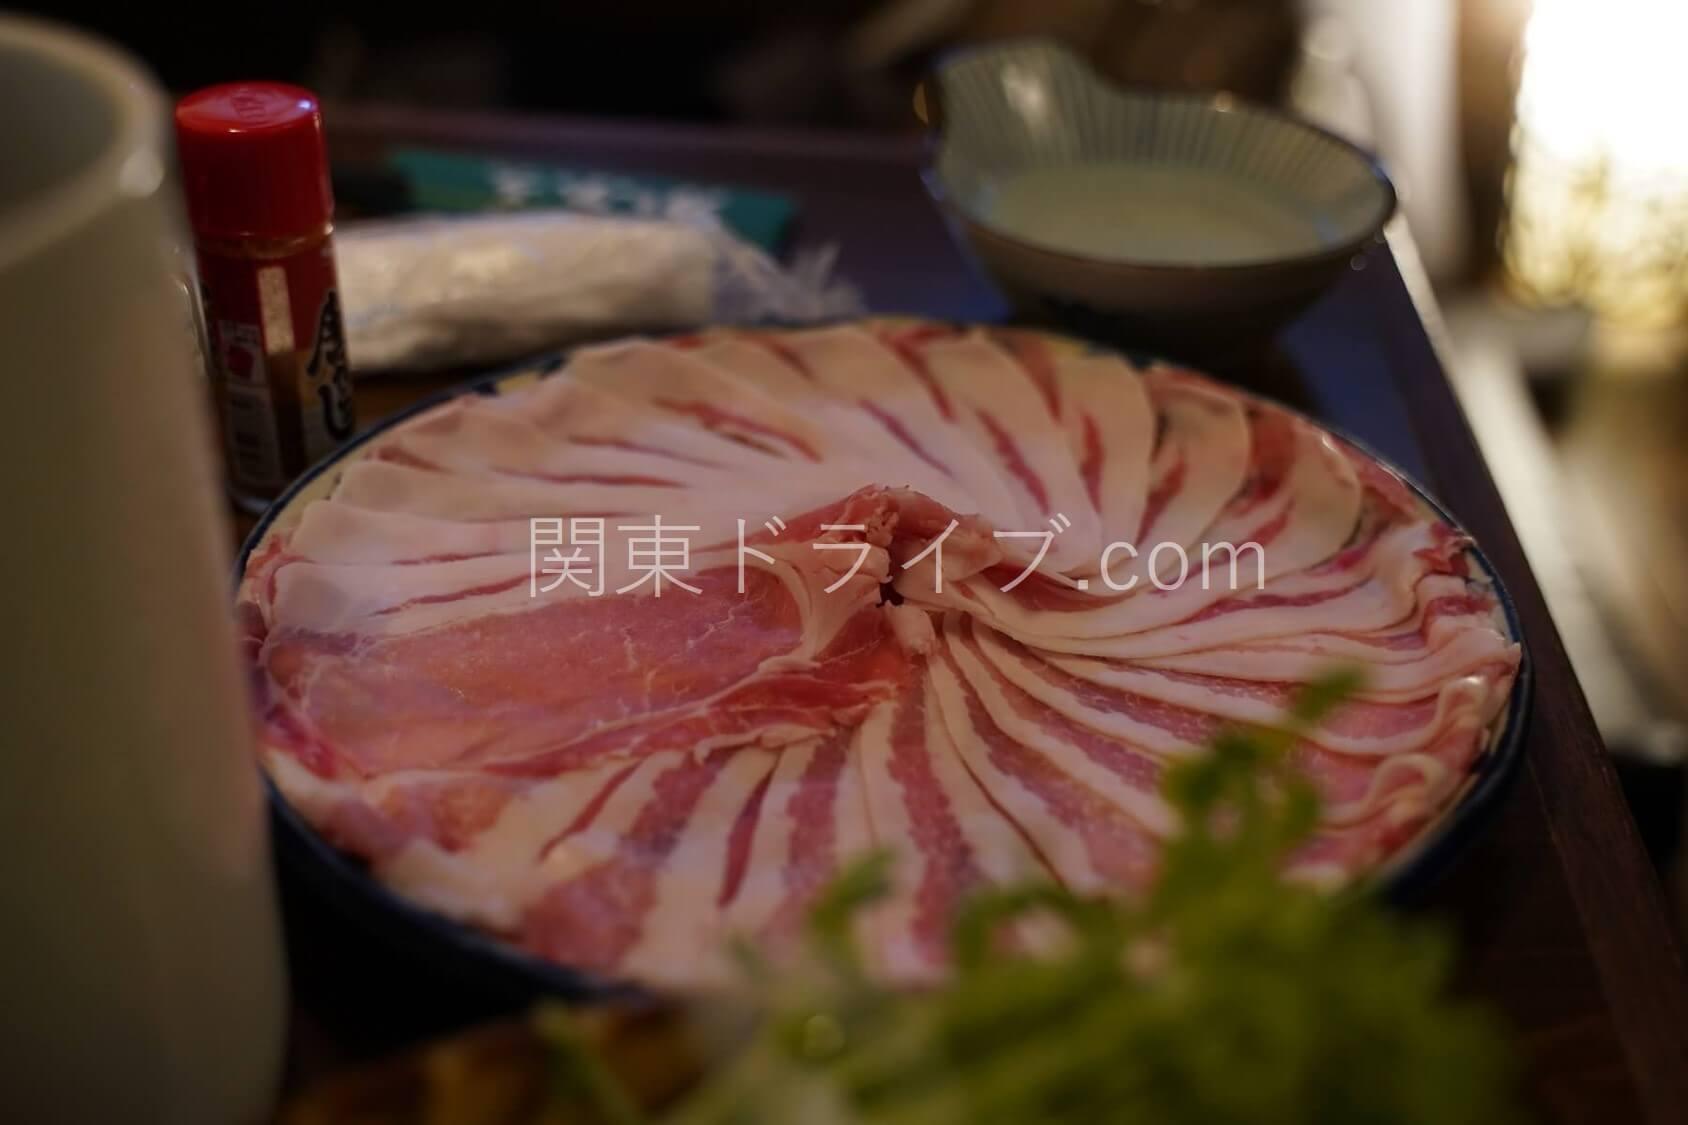 あぐーしゃぶしゃぶ・沖縄料理「かふぅ」の料理5